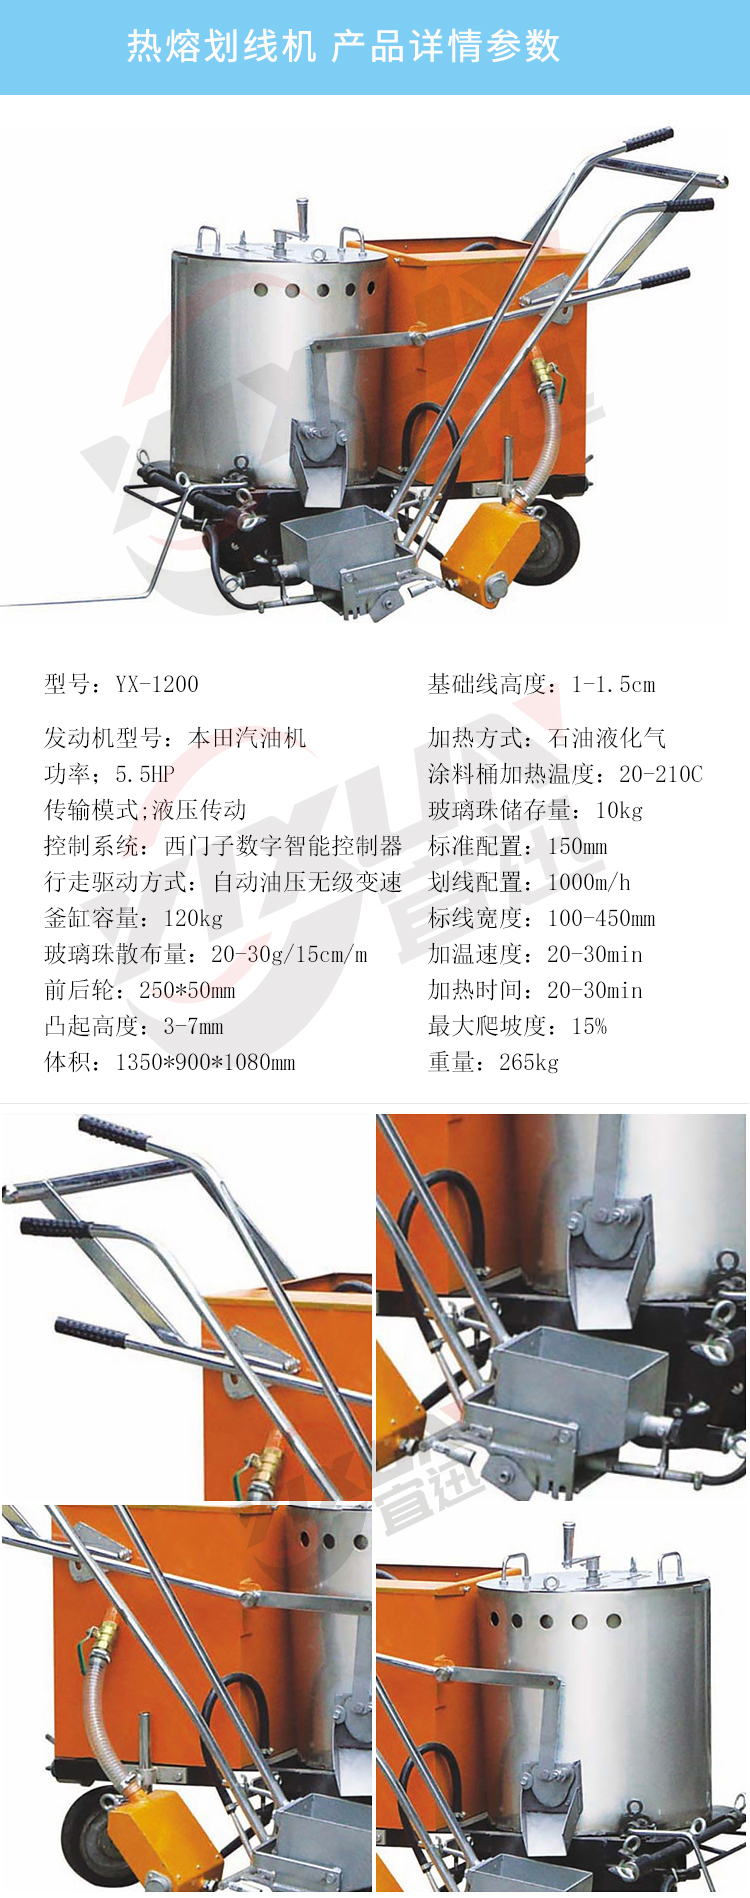 热熔划线机产品参数解析